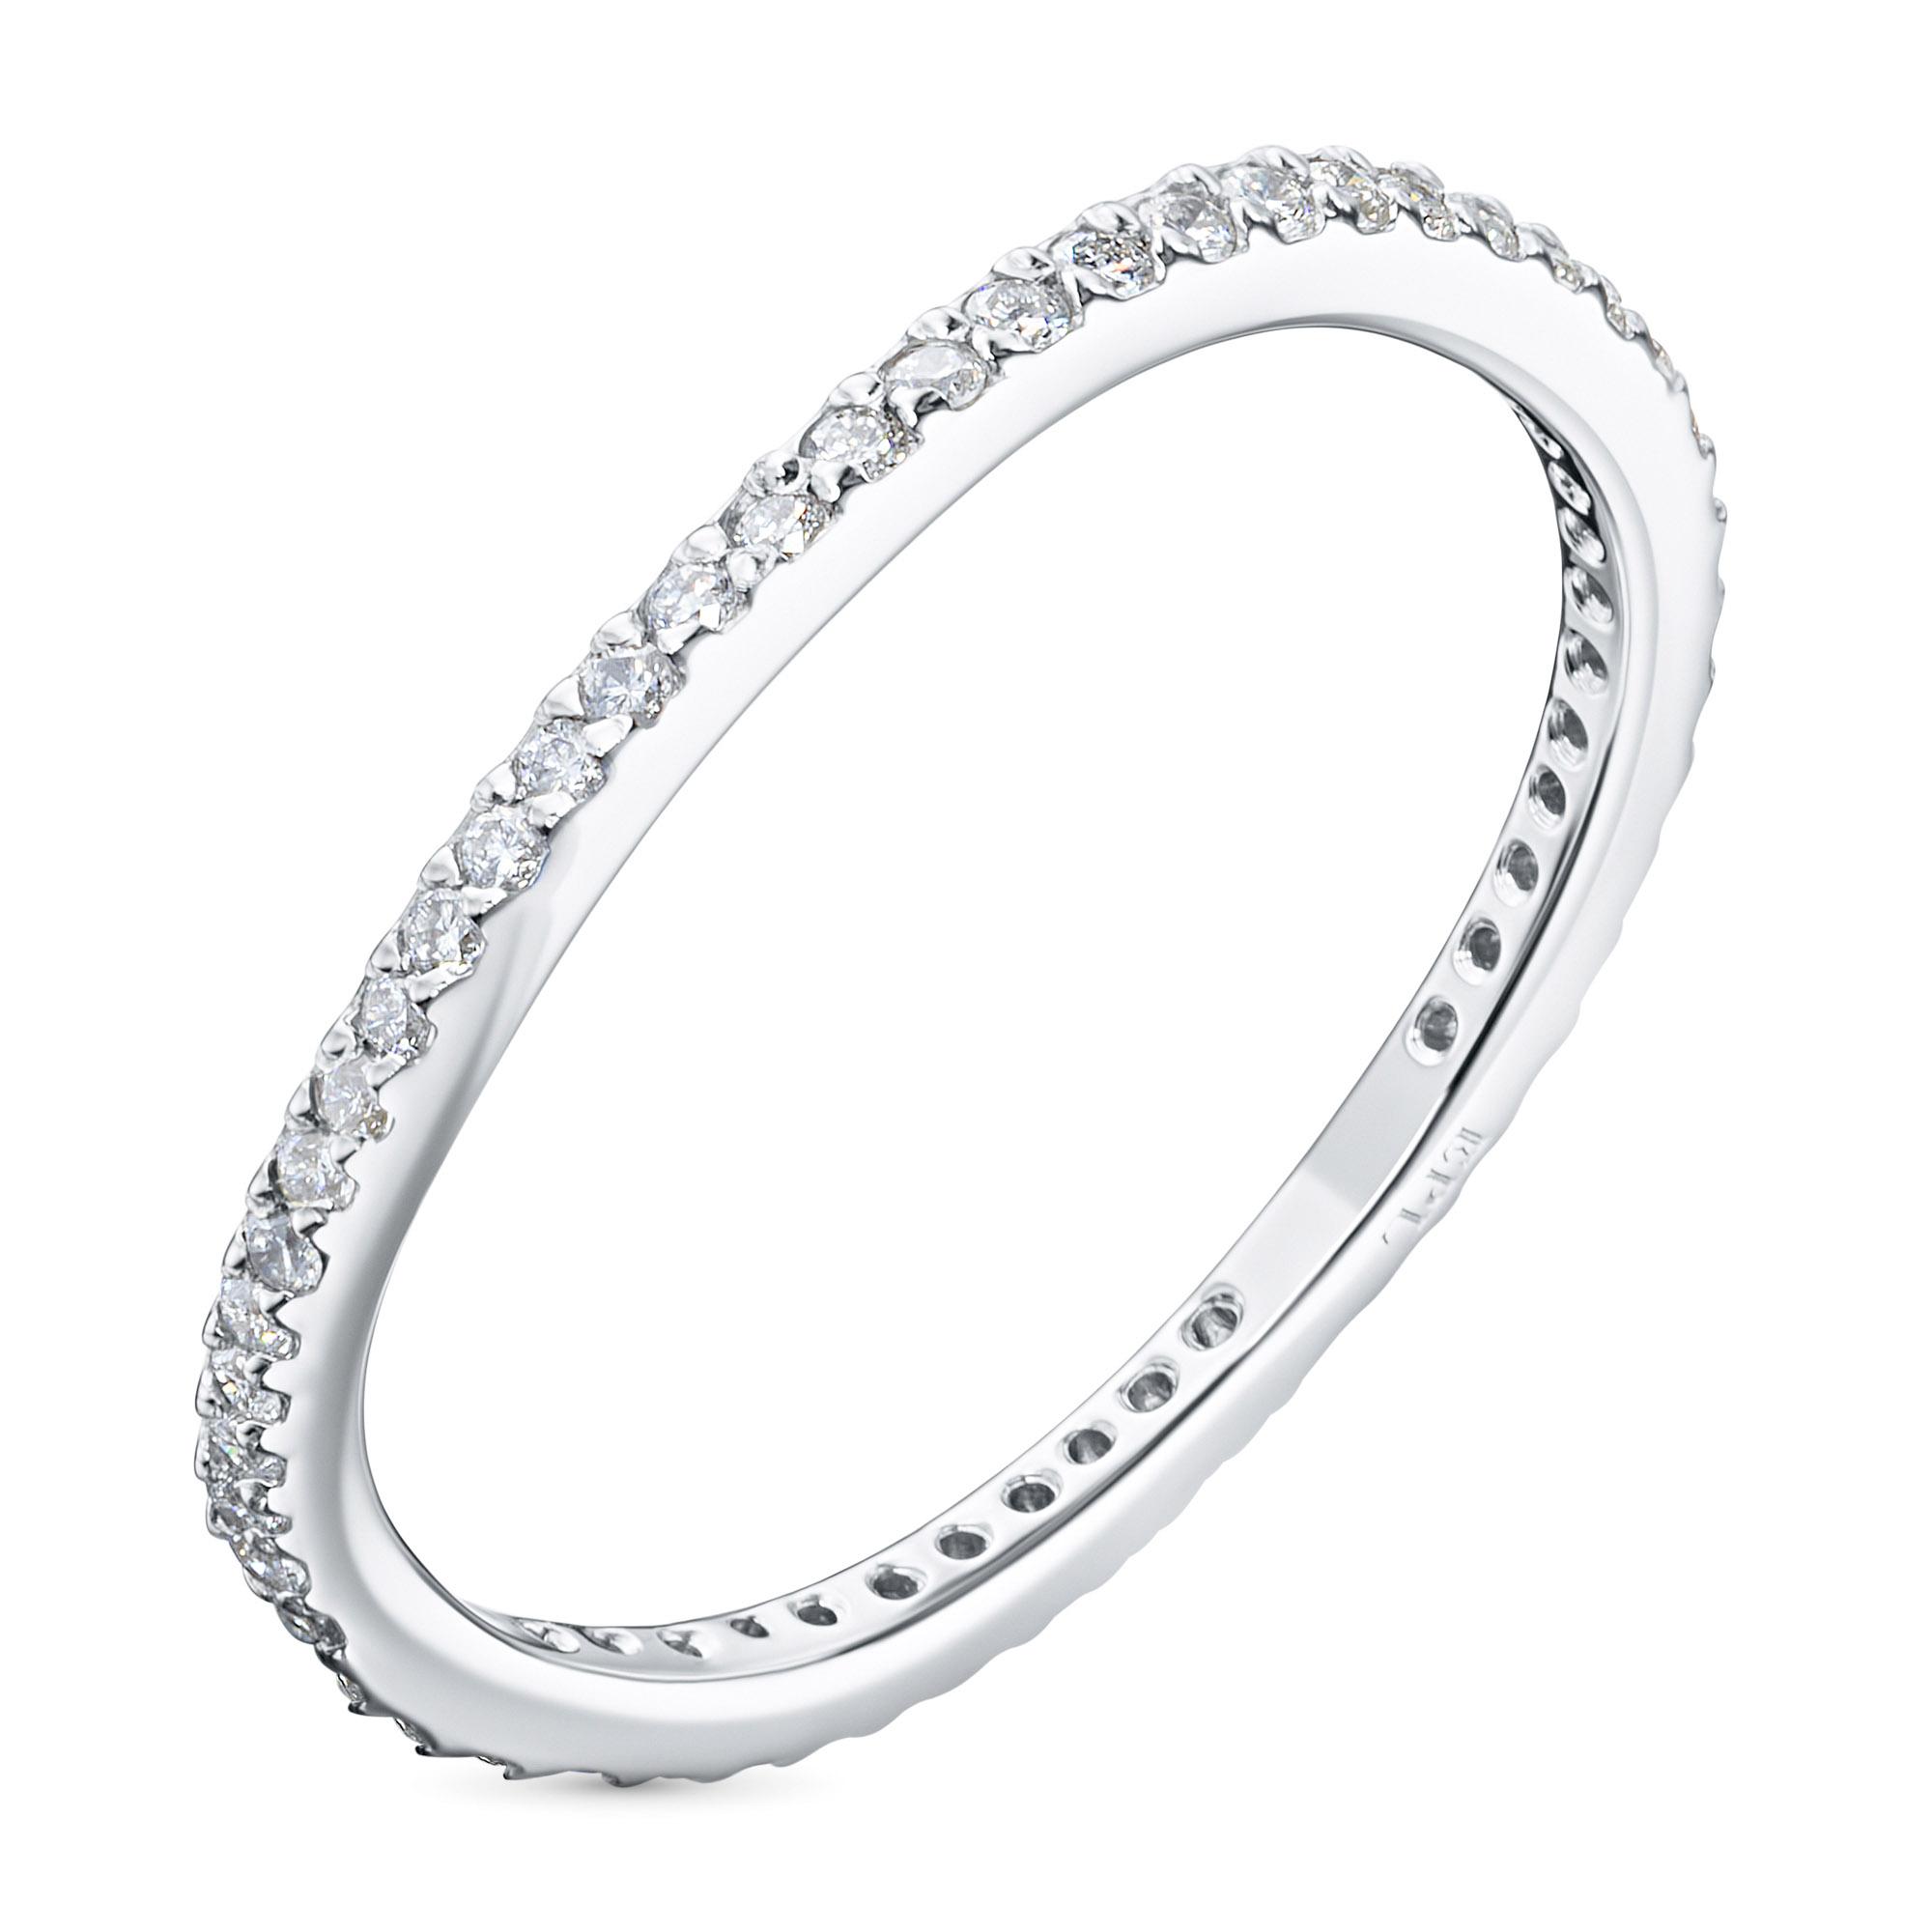 Кольцо из белого золота с бриллиантом э0901кц04210019 э0901кц04210019